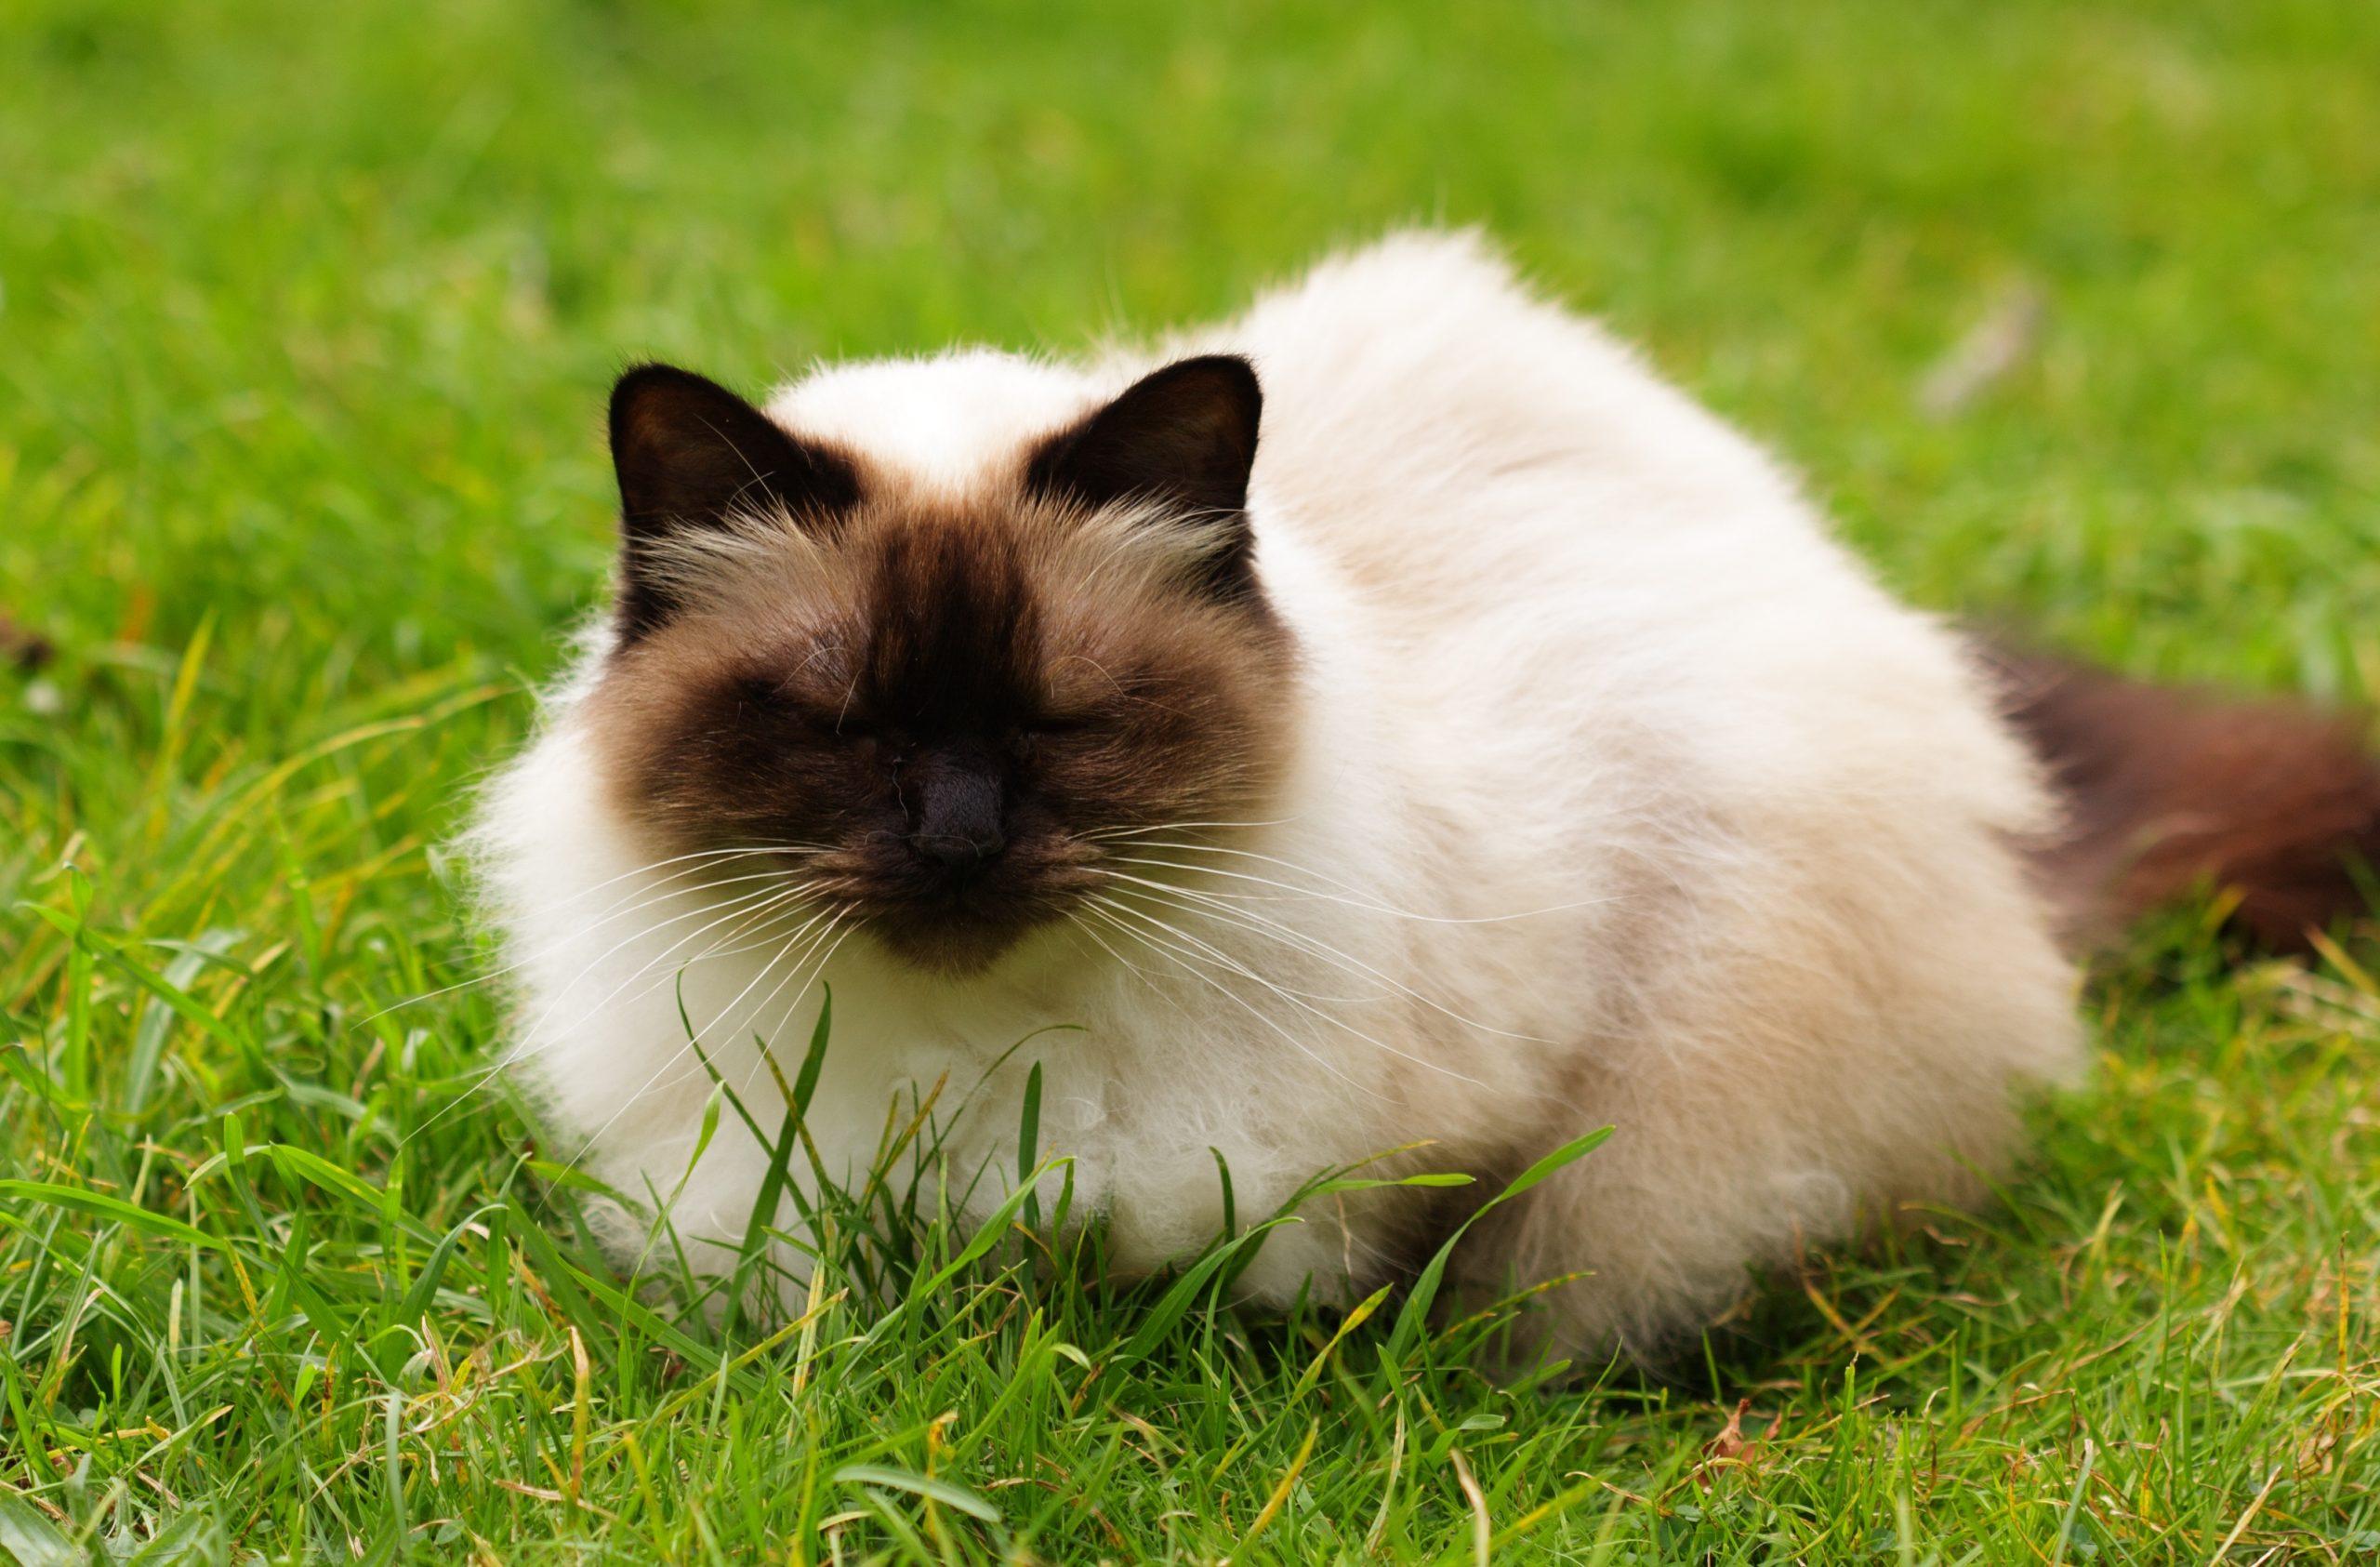 Meest populaire katten